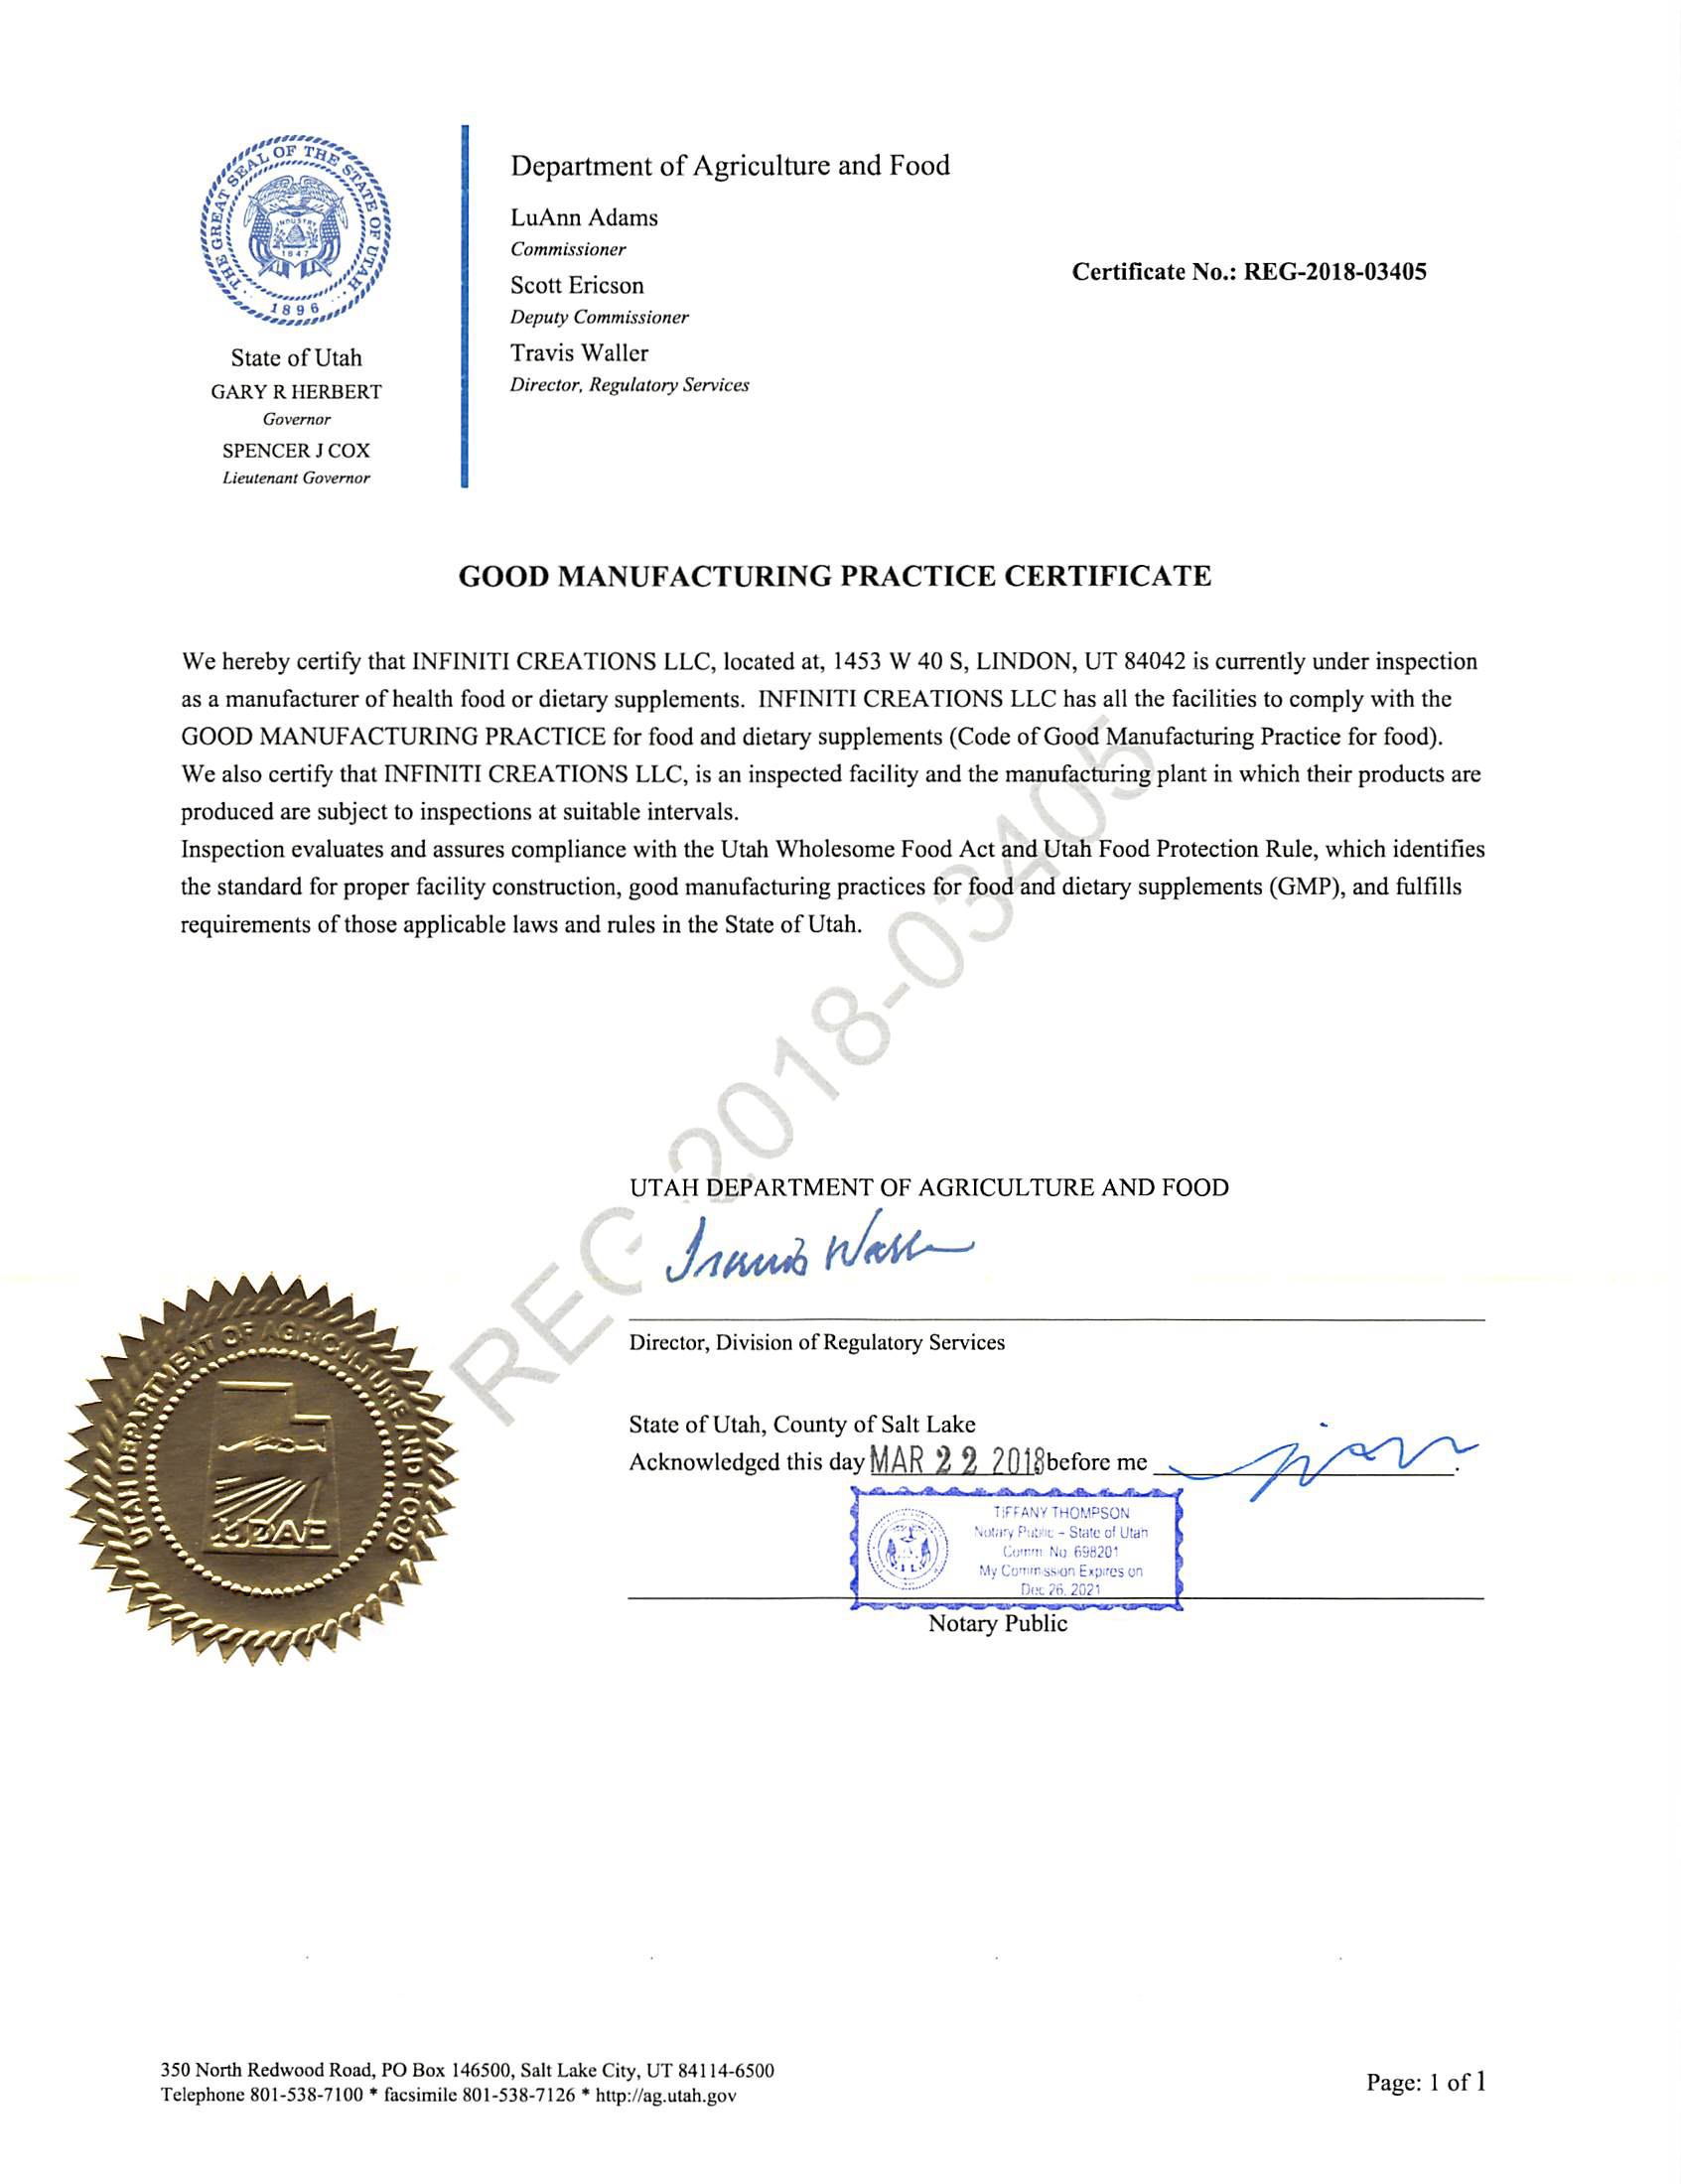 infiniti-creations-gmp-certificate.jpg